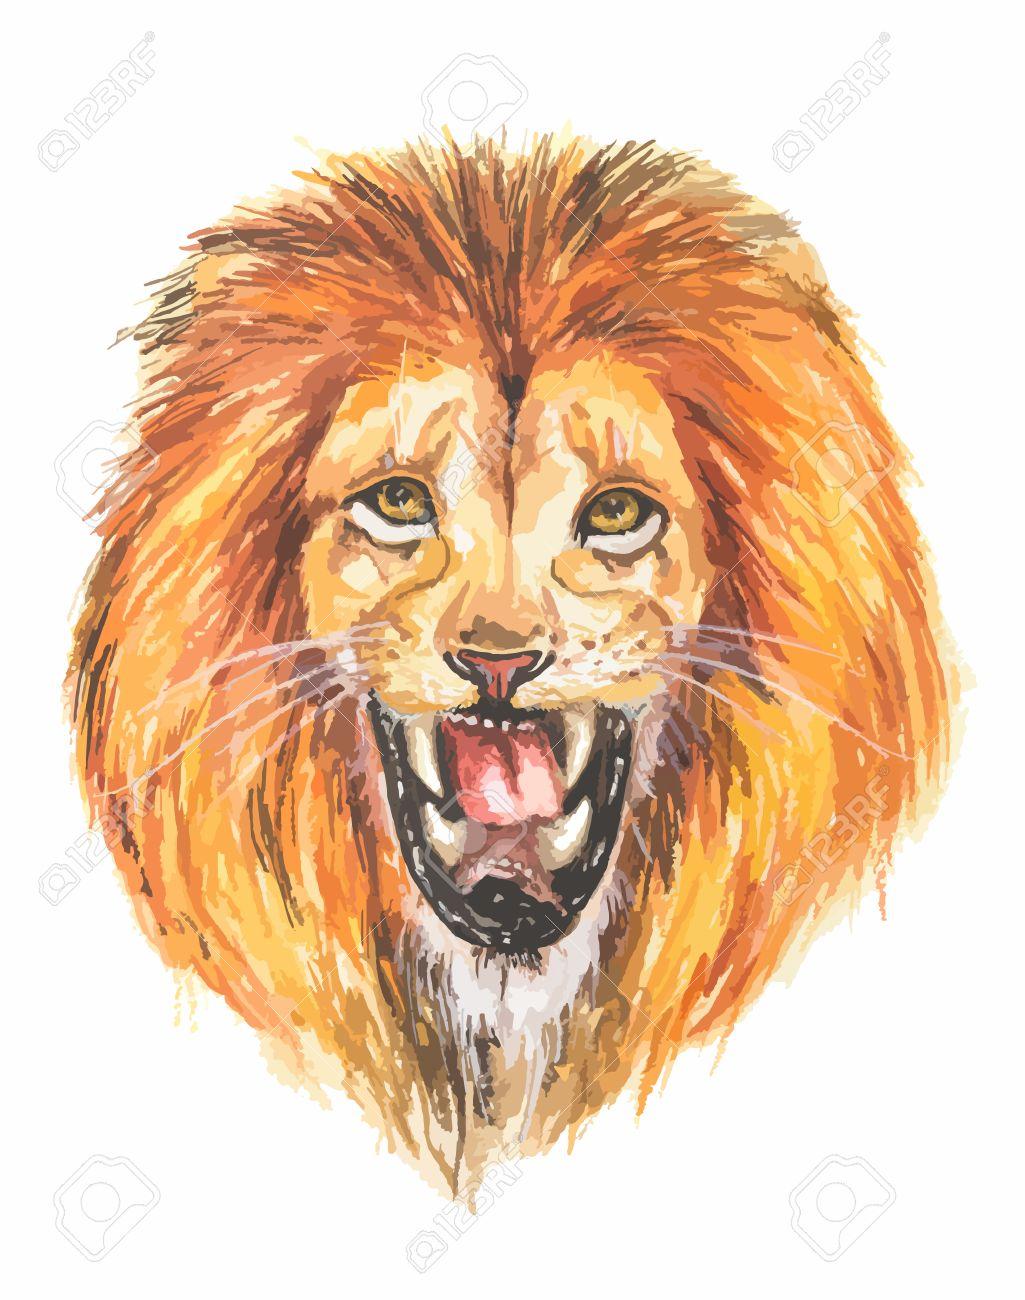 Watercolor lion roar  Big fierce lion roaring  Hand drawing illustartion